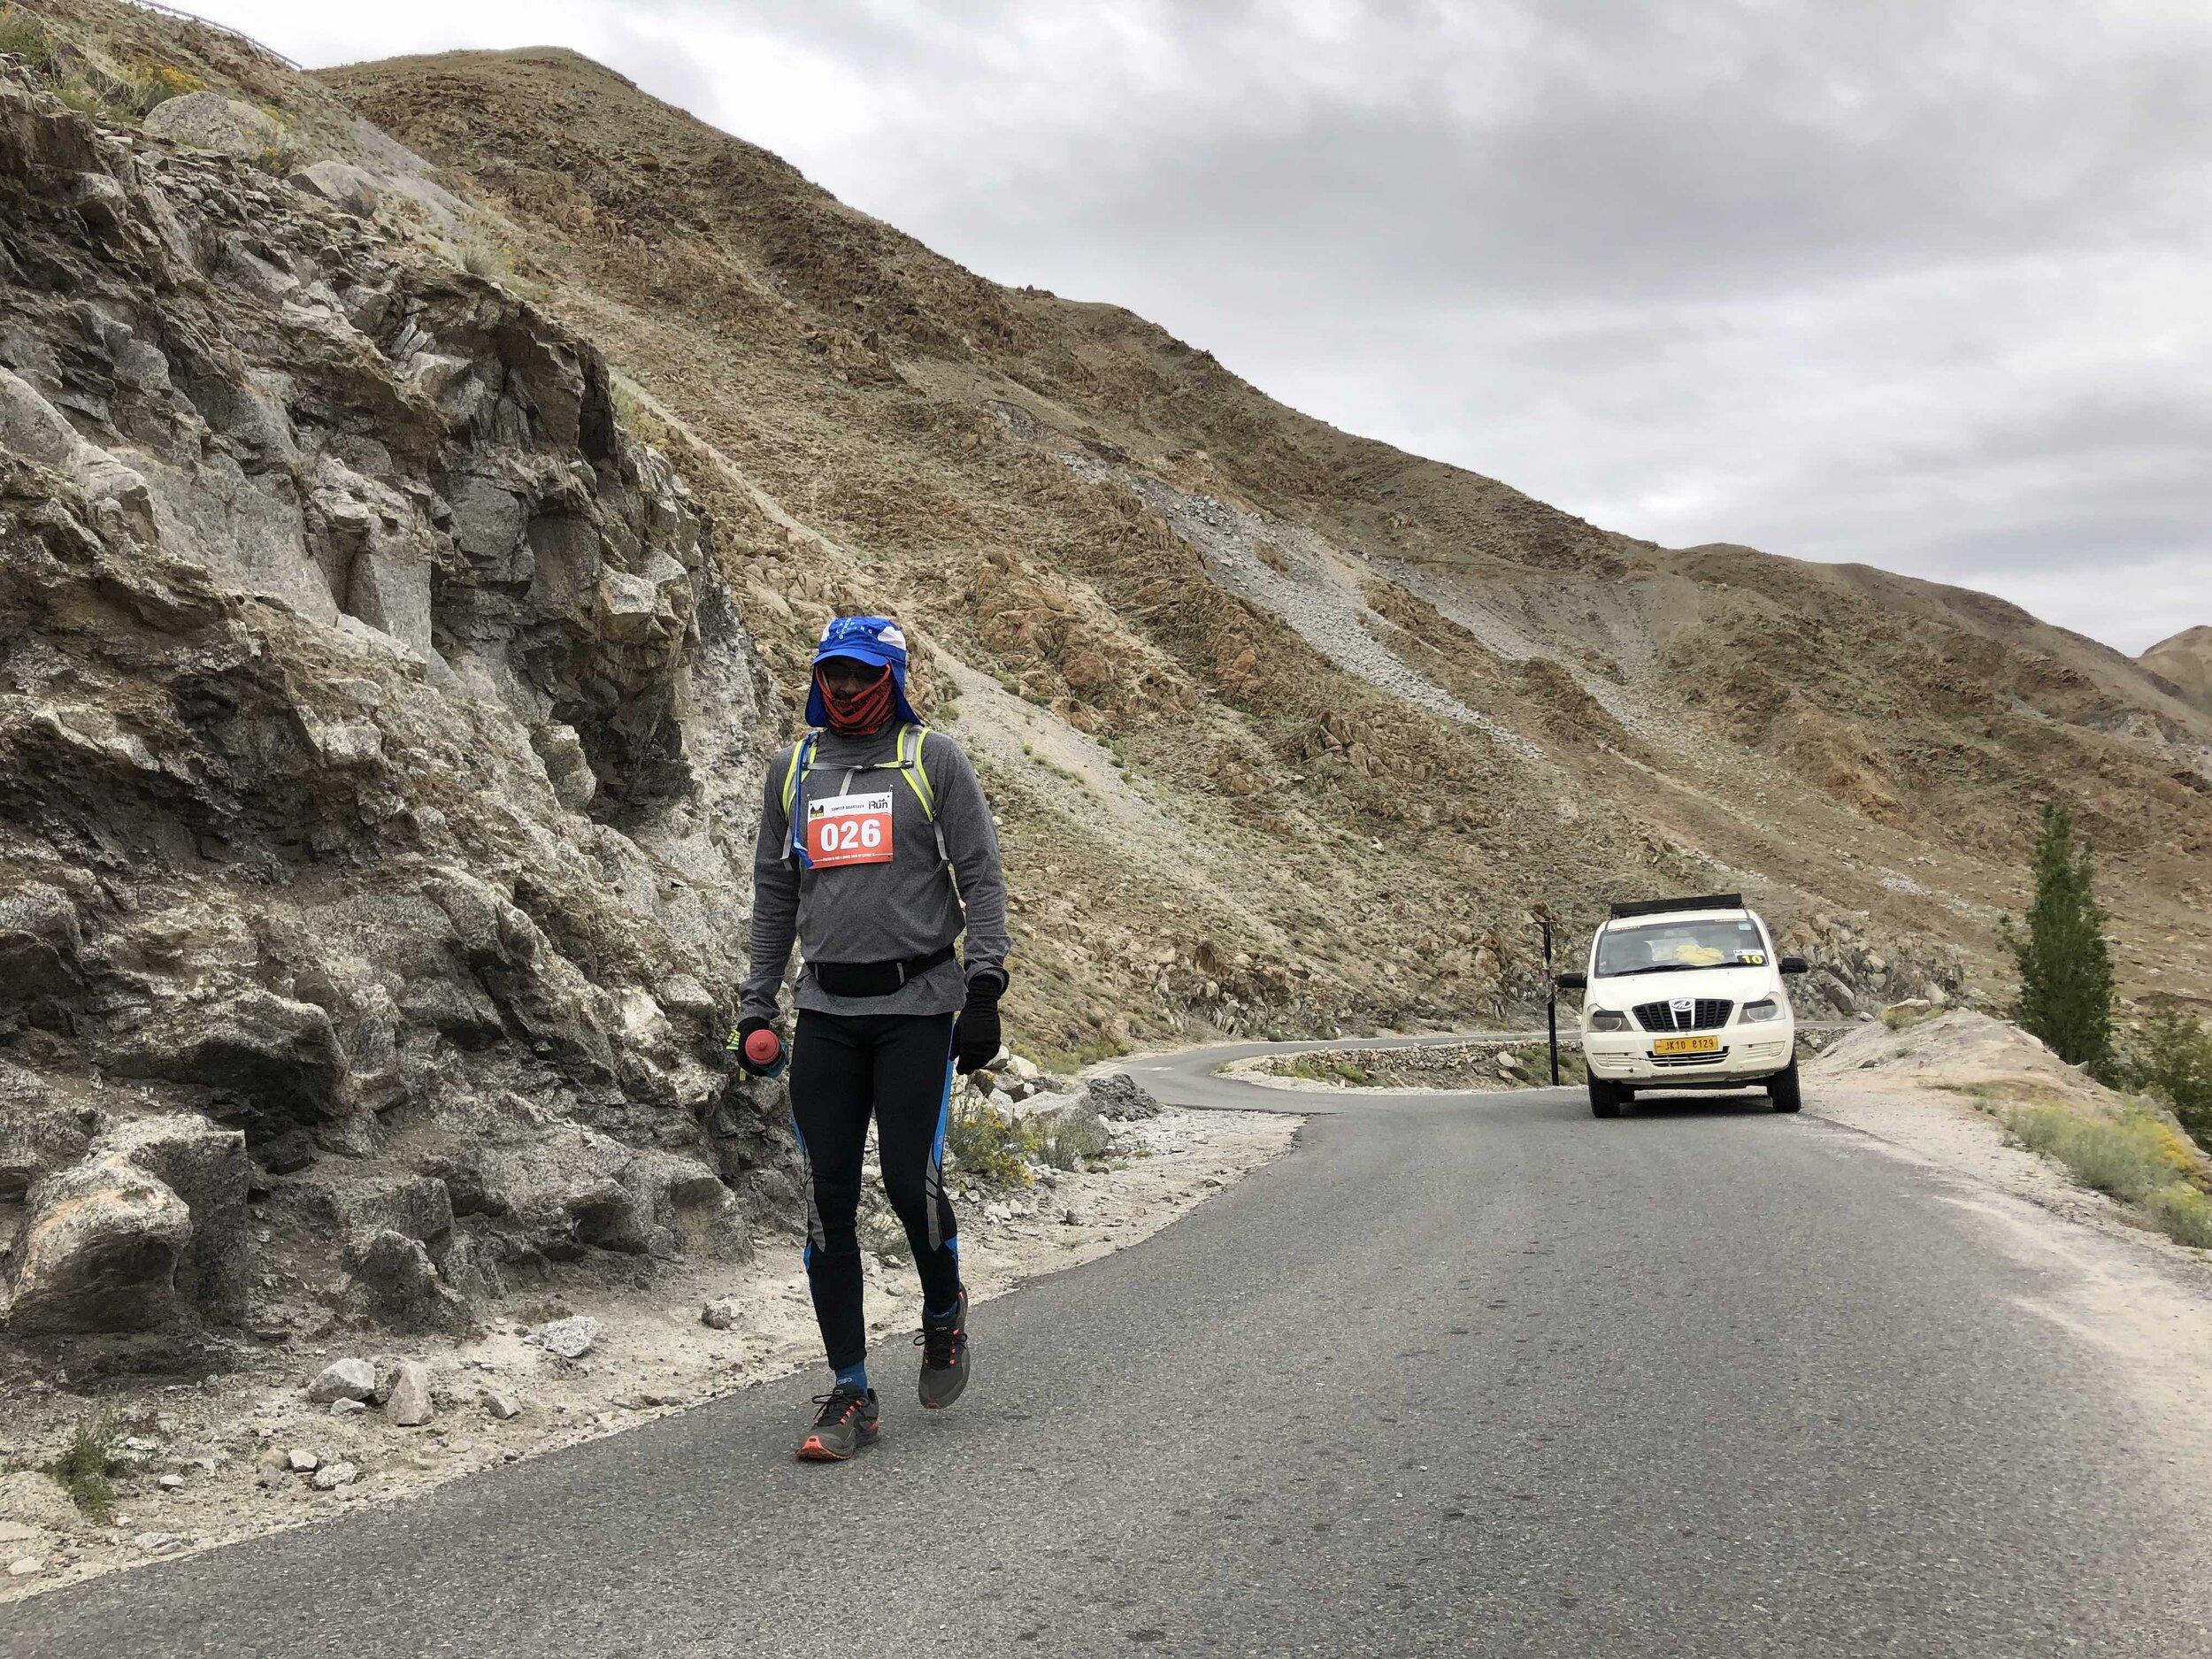 Sameer at 6ish kms